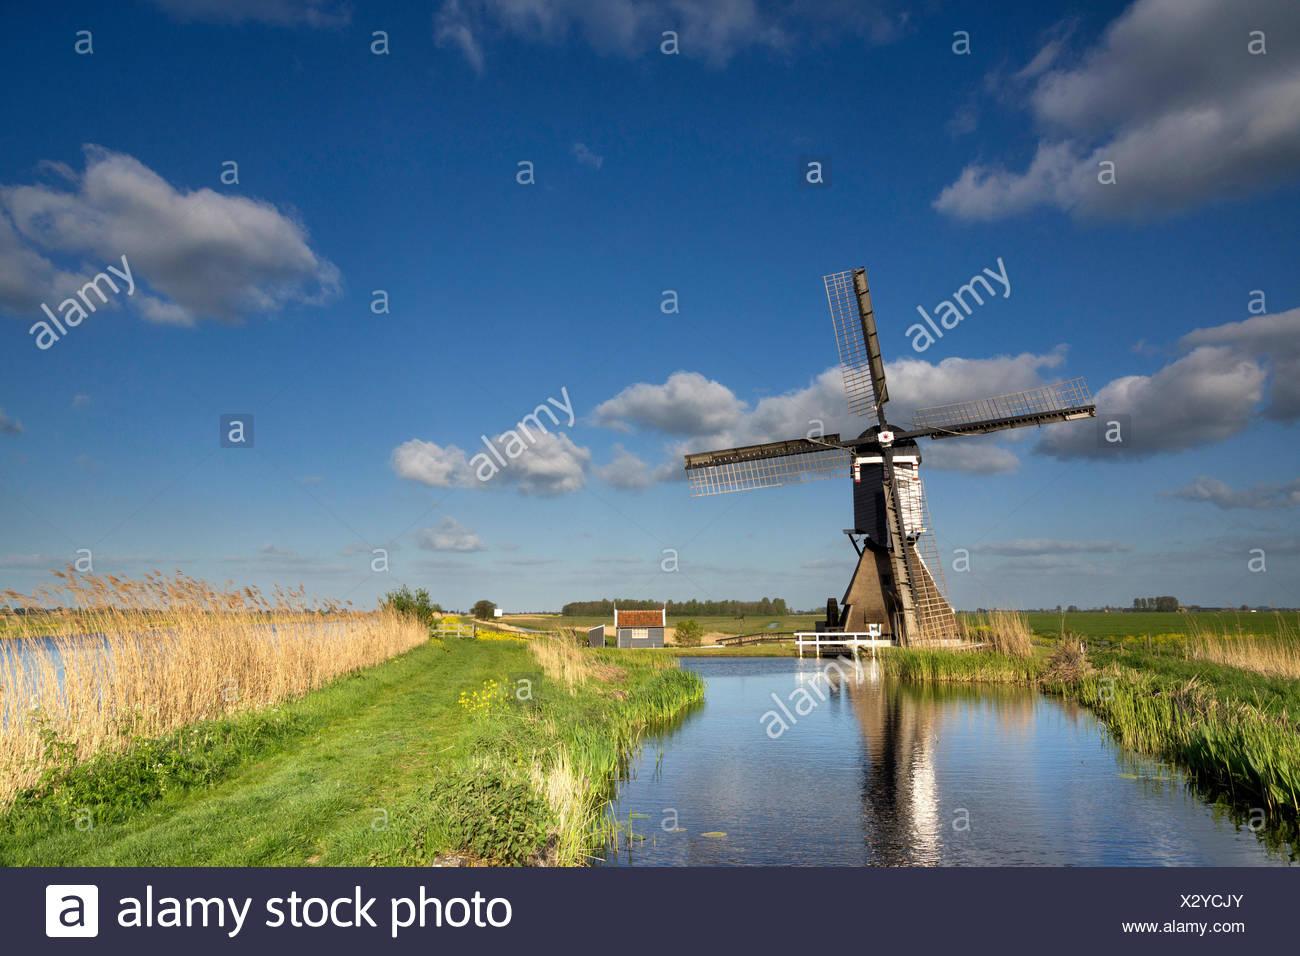 the broekmolen windmill near streefkerk - Stock Image